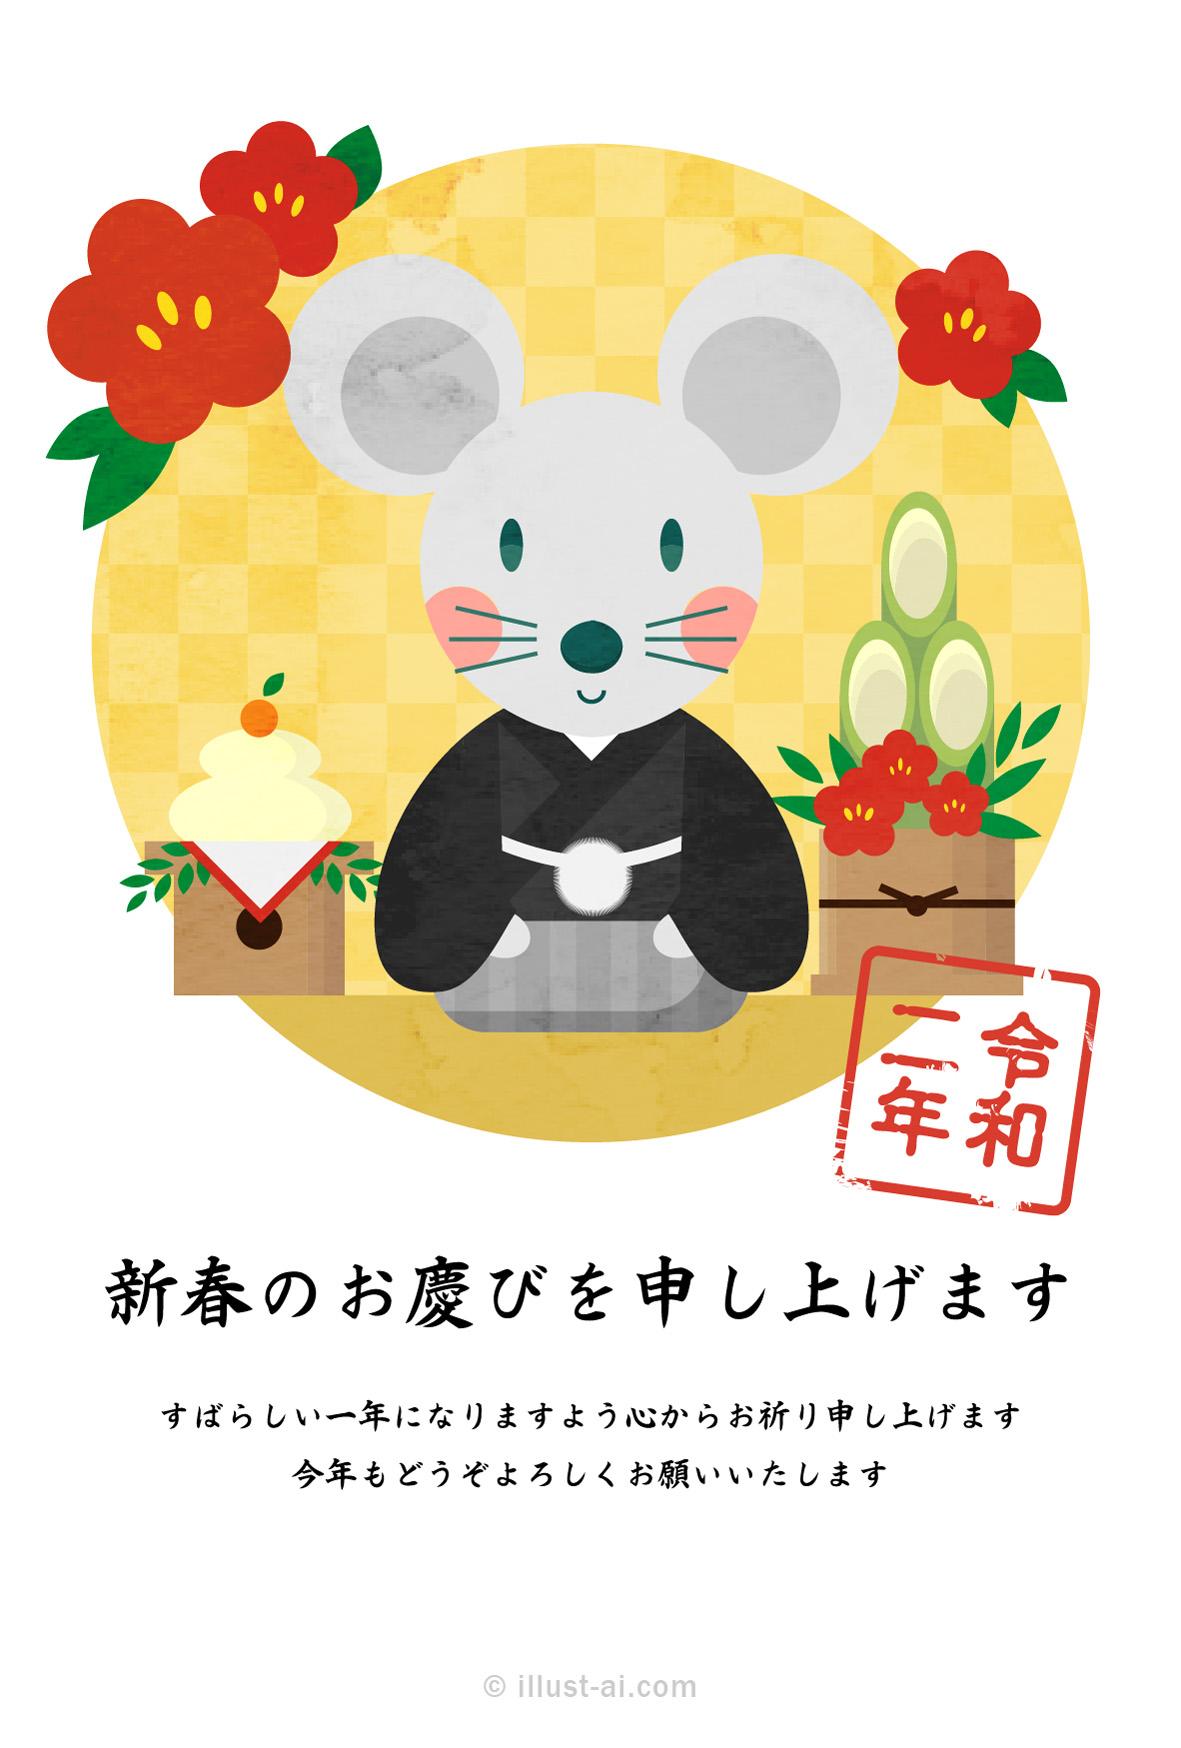 年賀状 子年着物を着たネズミの男の子とお正月飾りの年賀状 年賀状